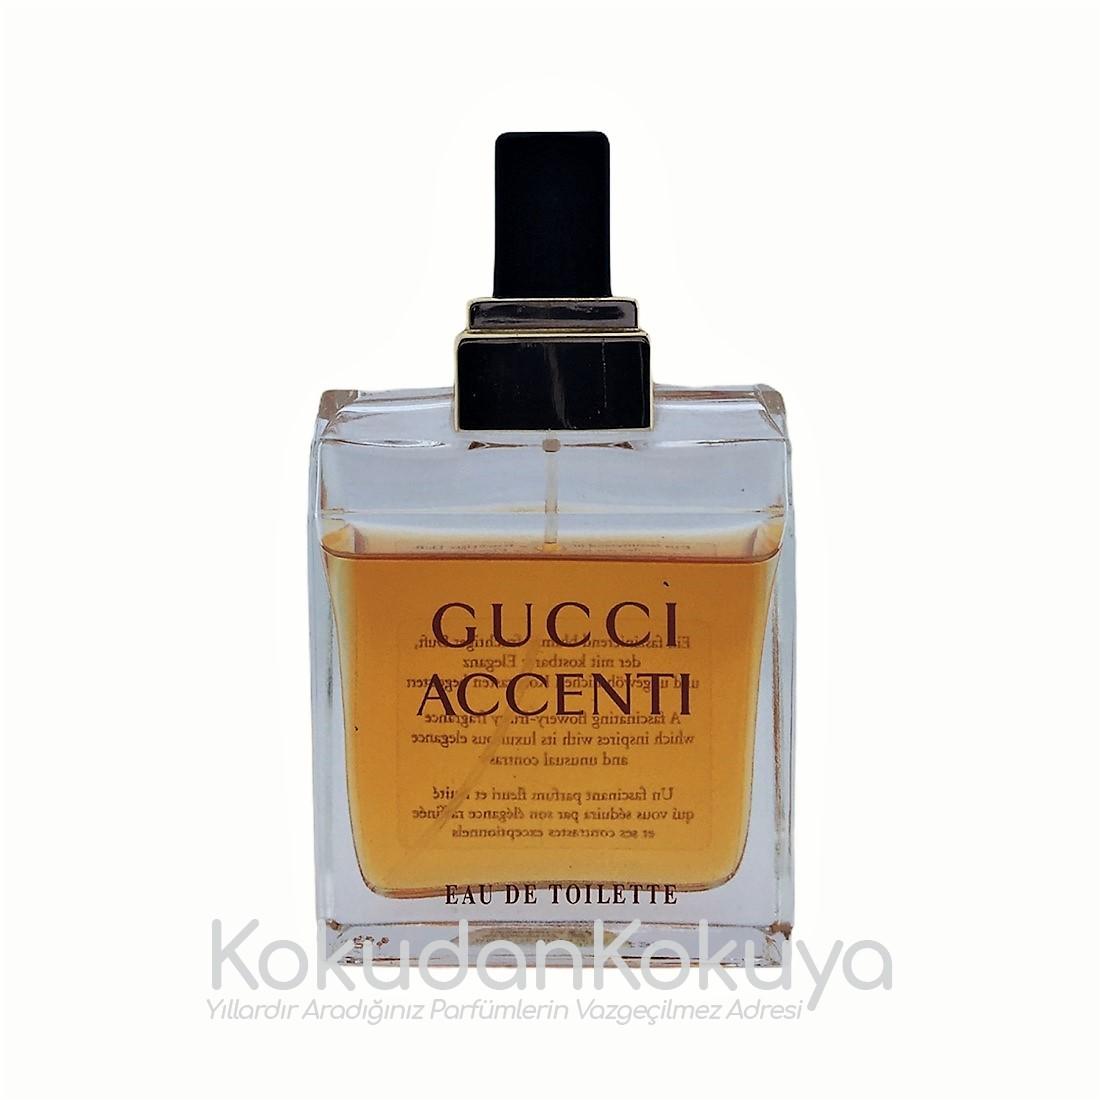 GUCCI Accenti (Vintage) Parfüm Kadın 100ml Eau De Toilette (EDT) Sprey